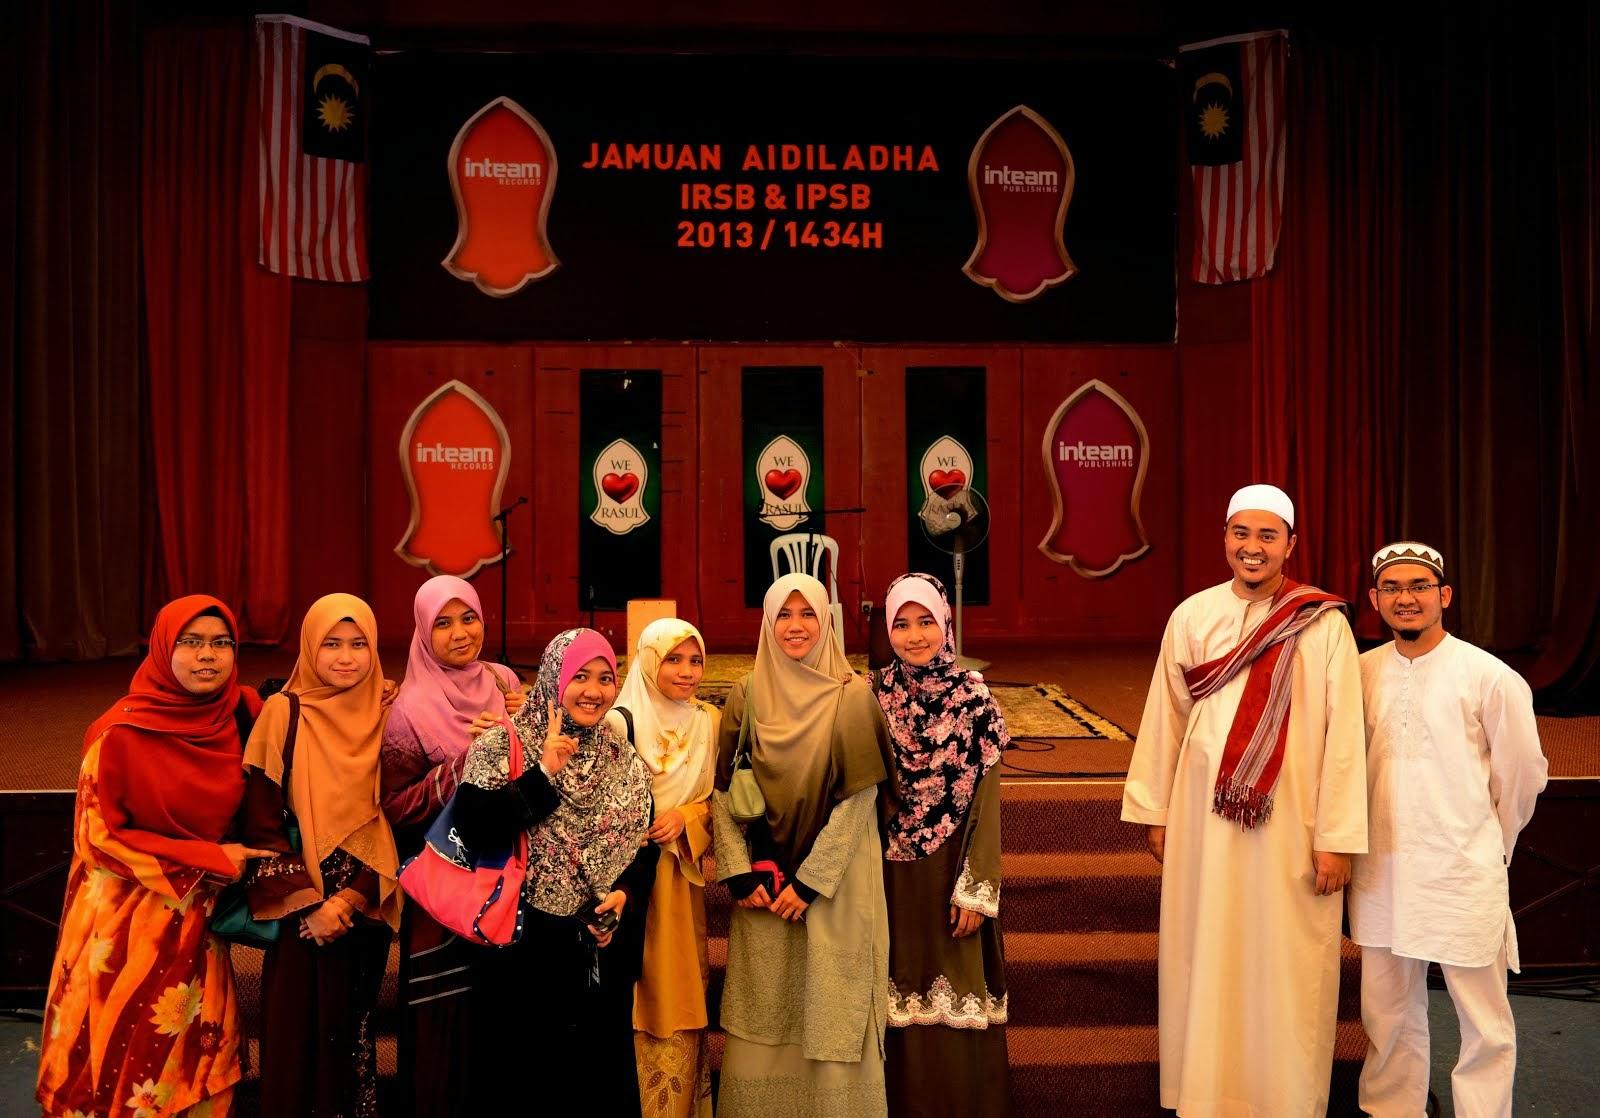 Jamuan Aidil Adha Inteam@ 2013